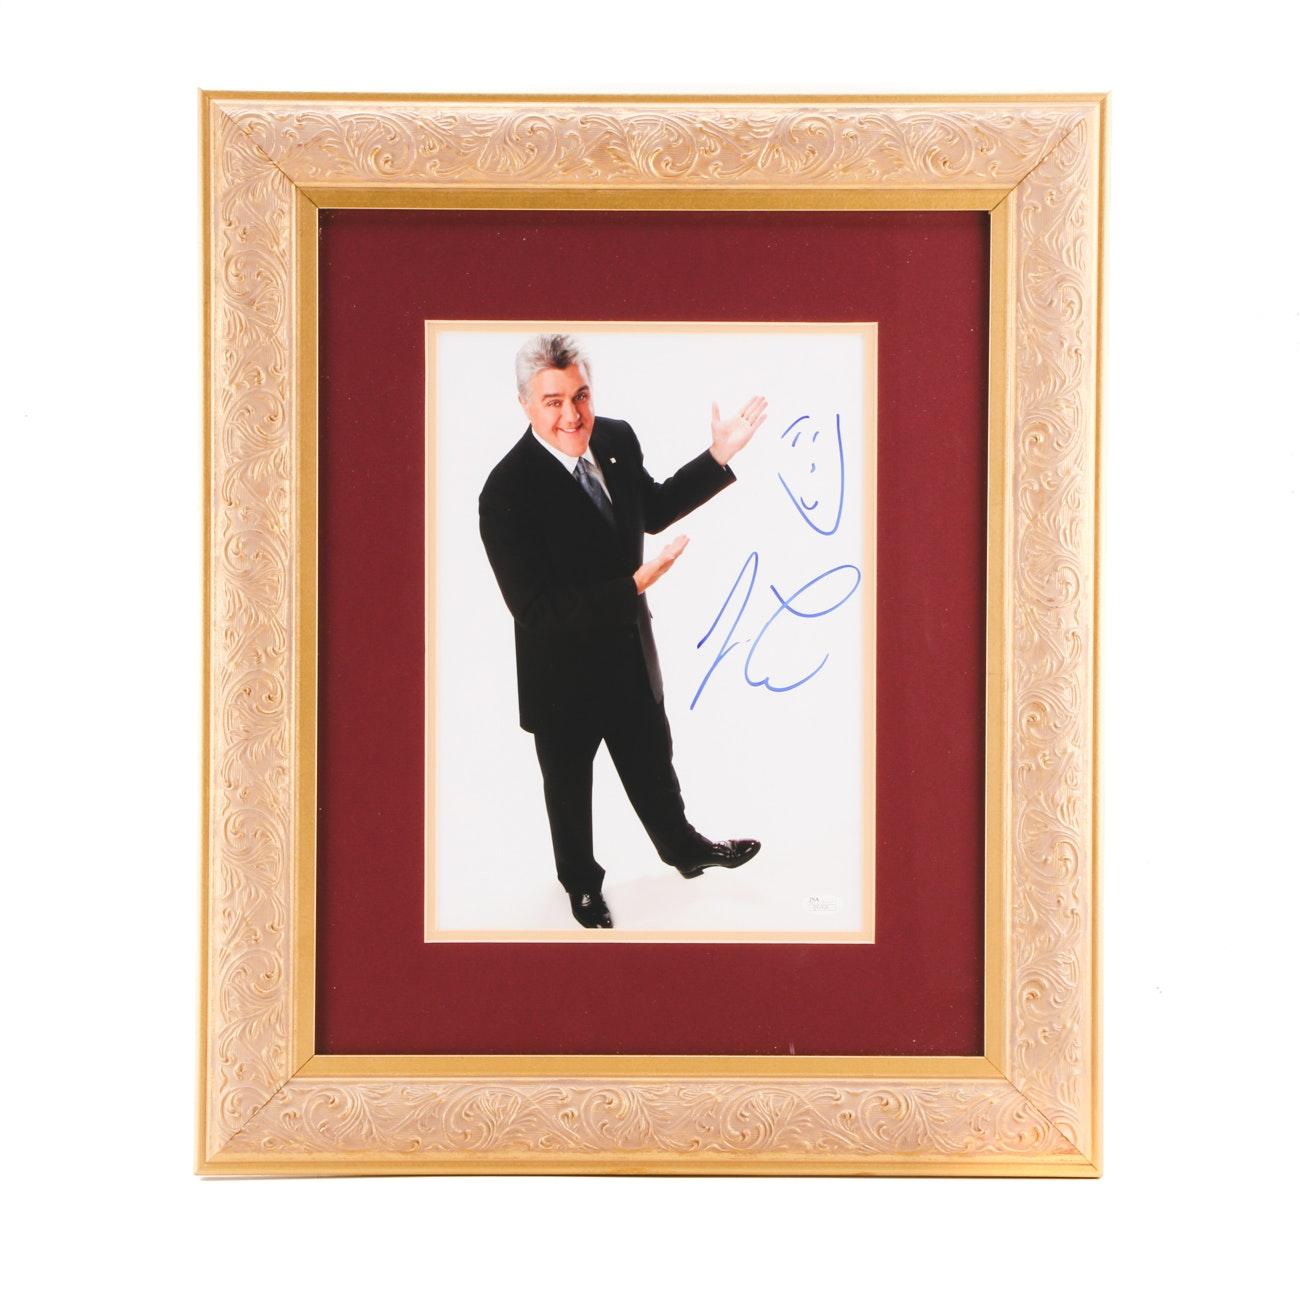 Jay Leno Comedian and TV Host Signed Framed Display JSA COA